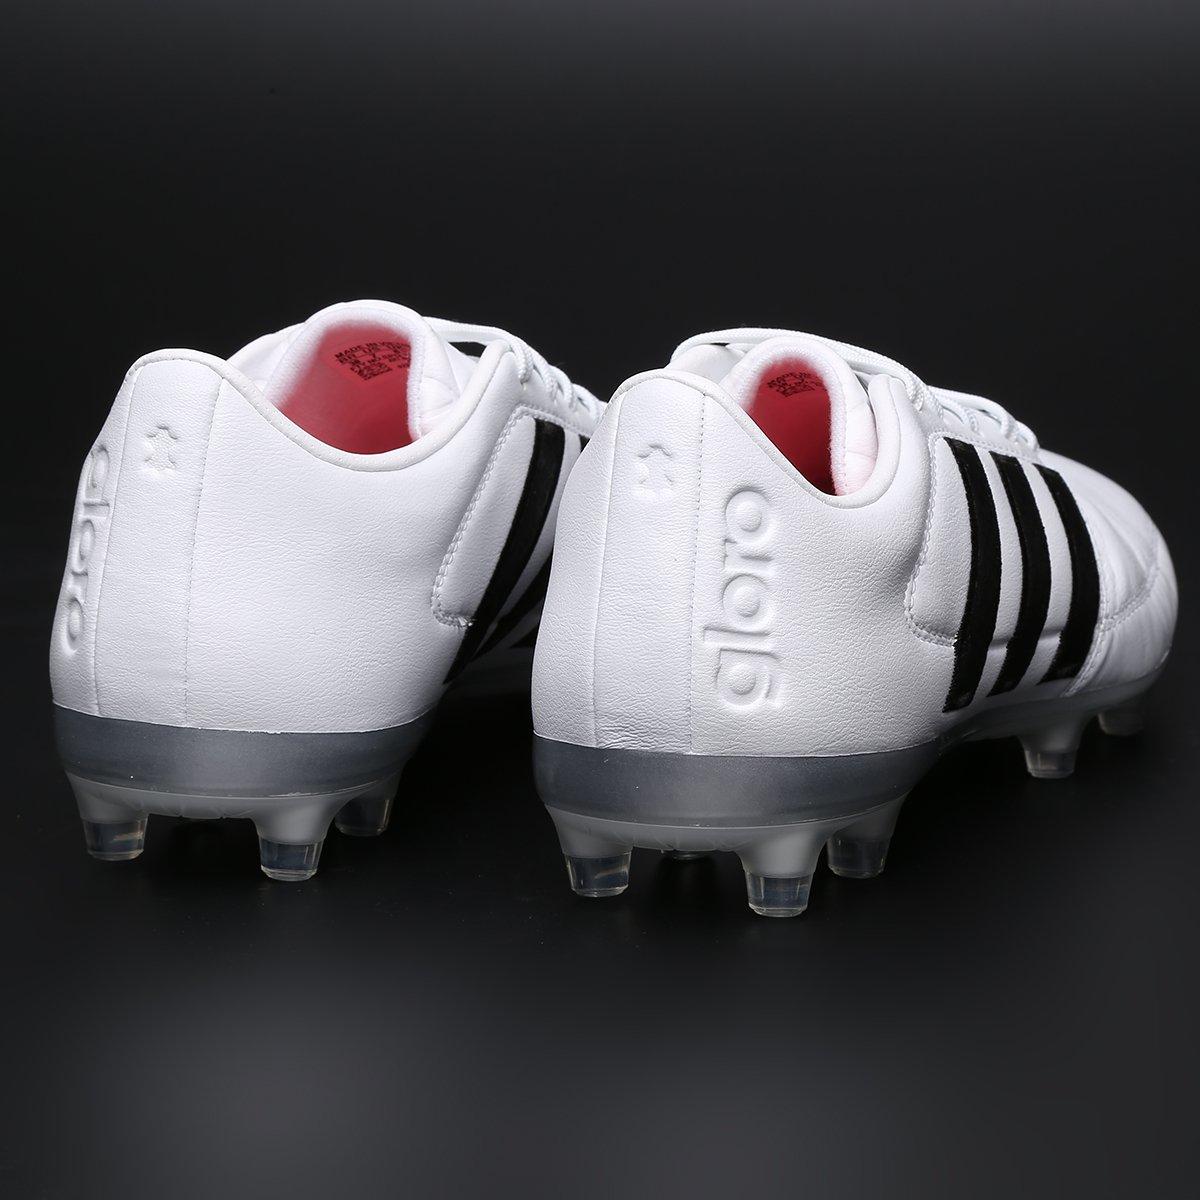 66ff413e59 Chuteira Campo Adidas Gloro 16.1 FG Masculina - Compre Agora